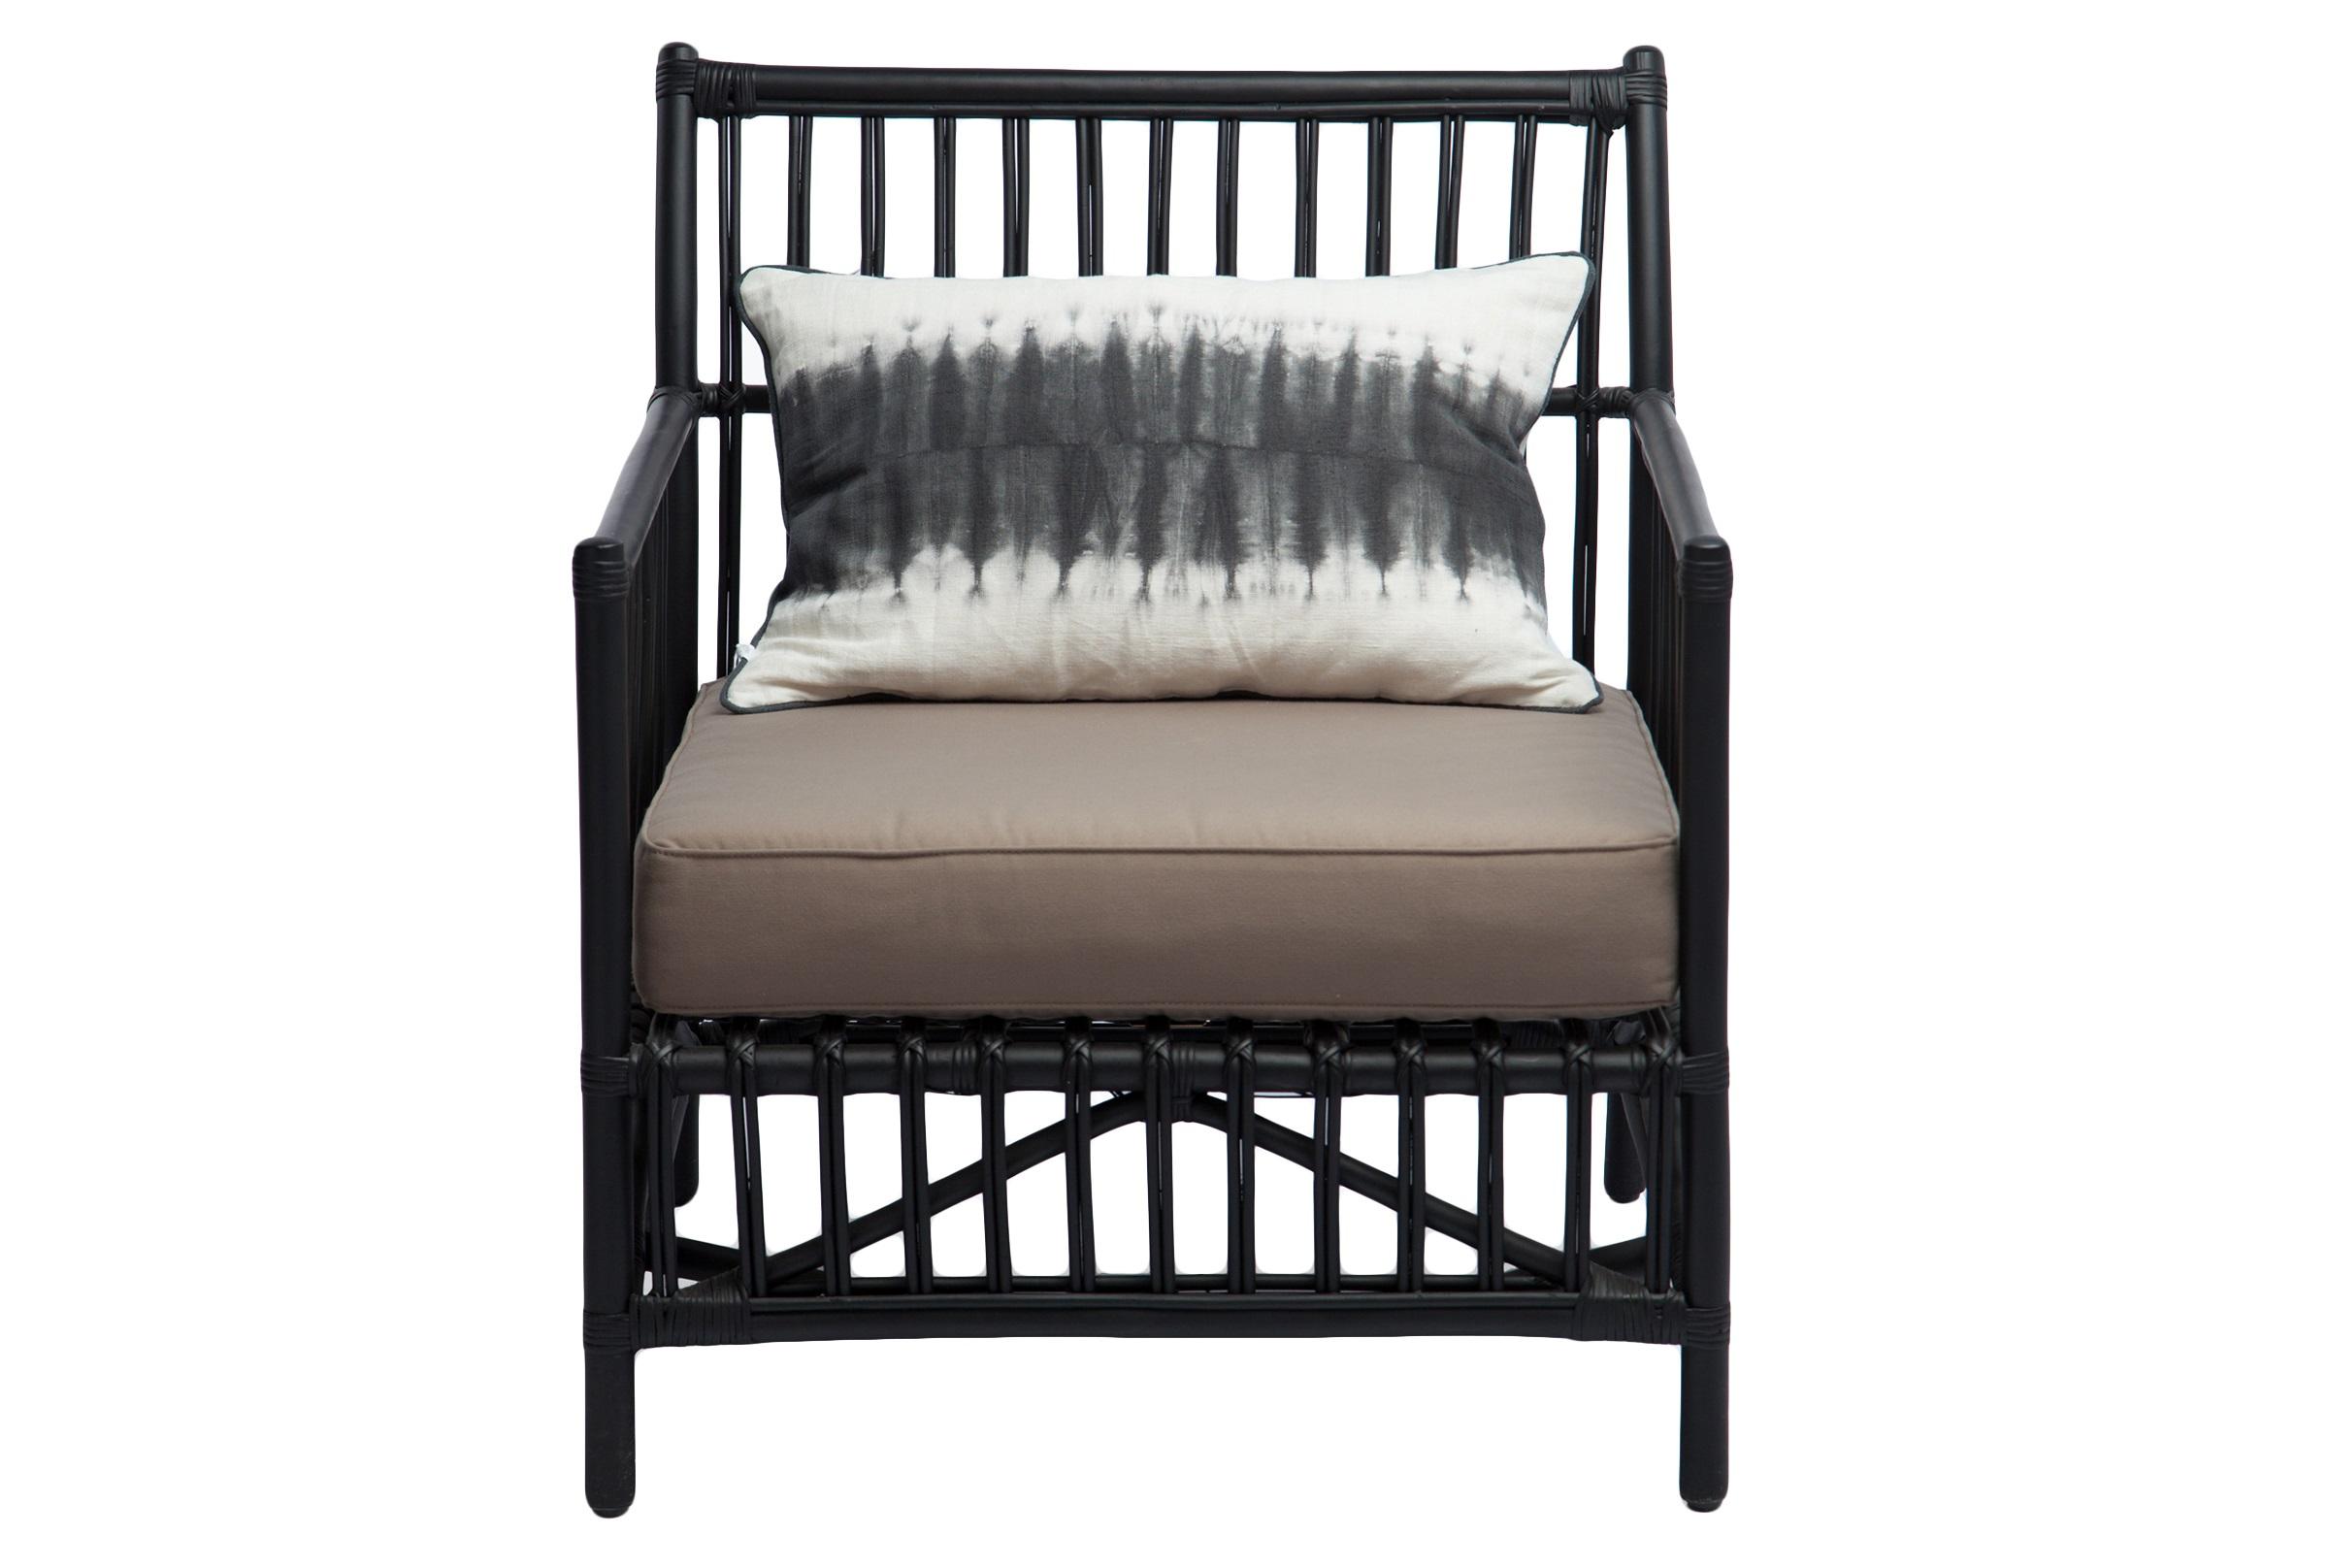 КреслоКресла для улицы<br>Кресло из натурального ротанга с мягким сиденьем и декоративной подушкой в комплекте. Сиденье со съемным чехлом. Подушка в этническом стиле из льна и хлопка.<br><br>Material: Ротанг<br>Width см: 82<br>Depth см: 70<br>Height см: 82